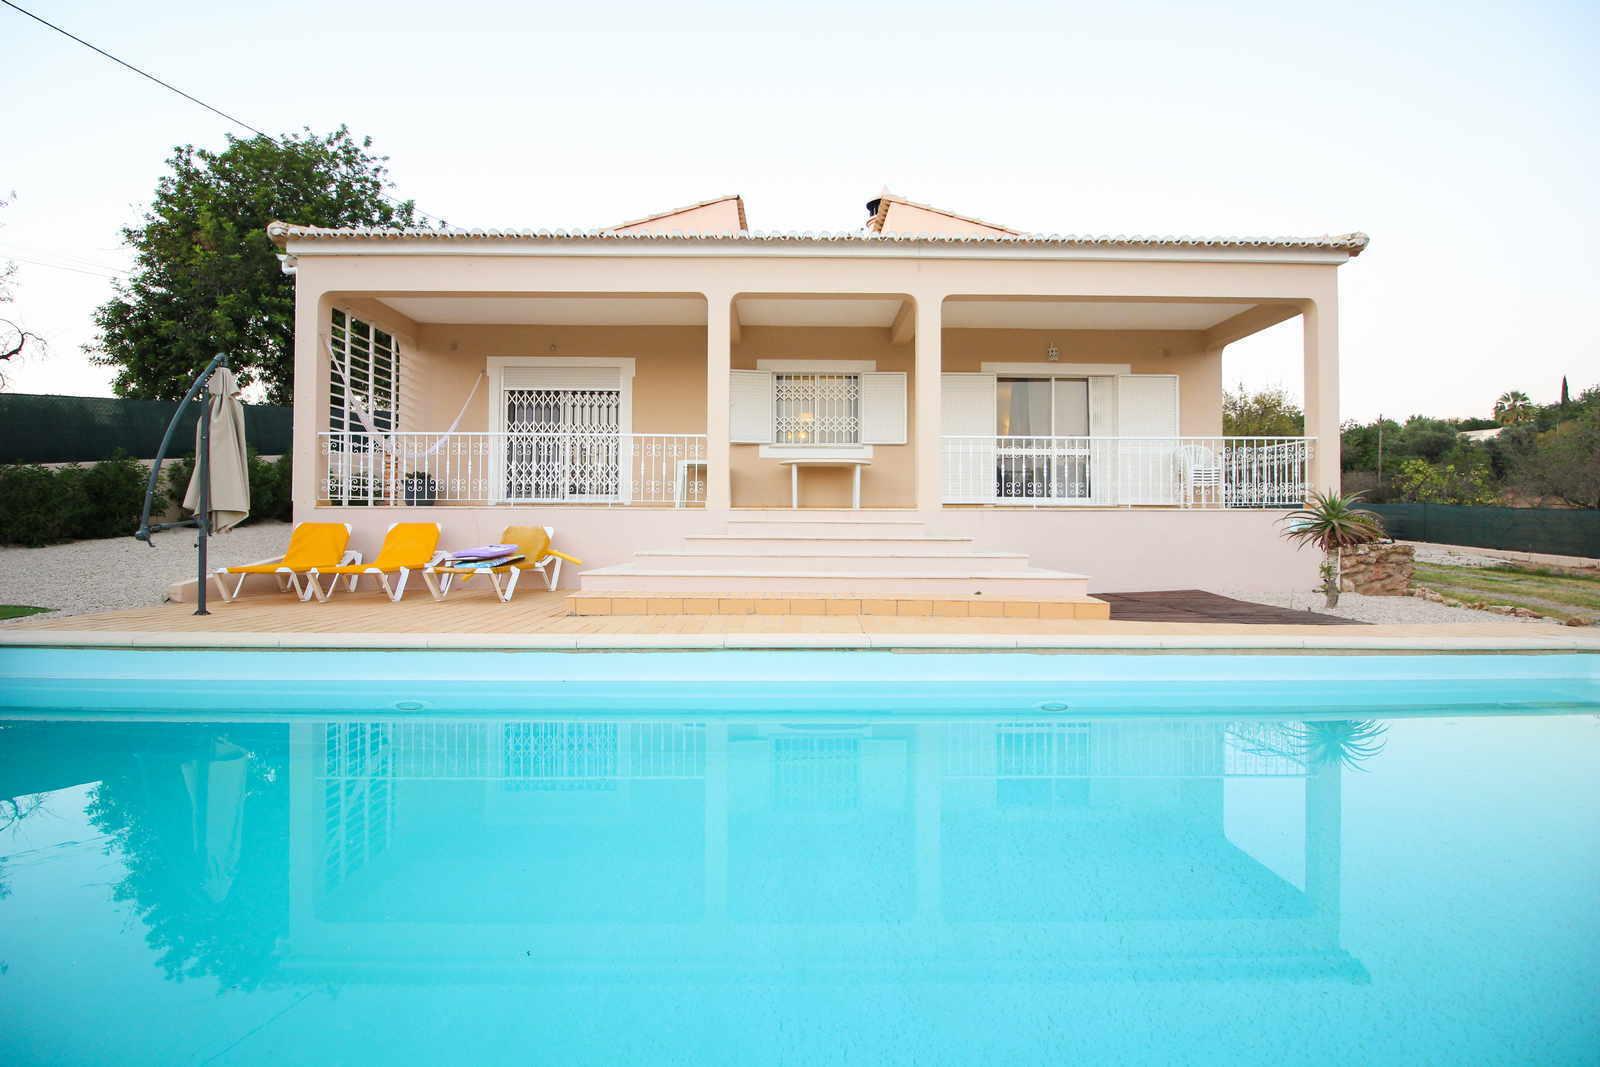 3 Bedroom Villa Loule, Central Algarve Ref: PV3396